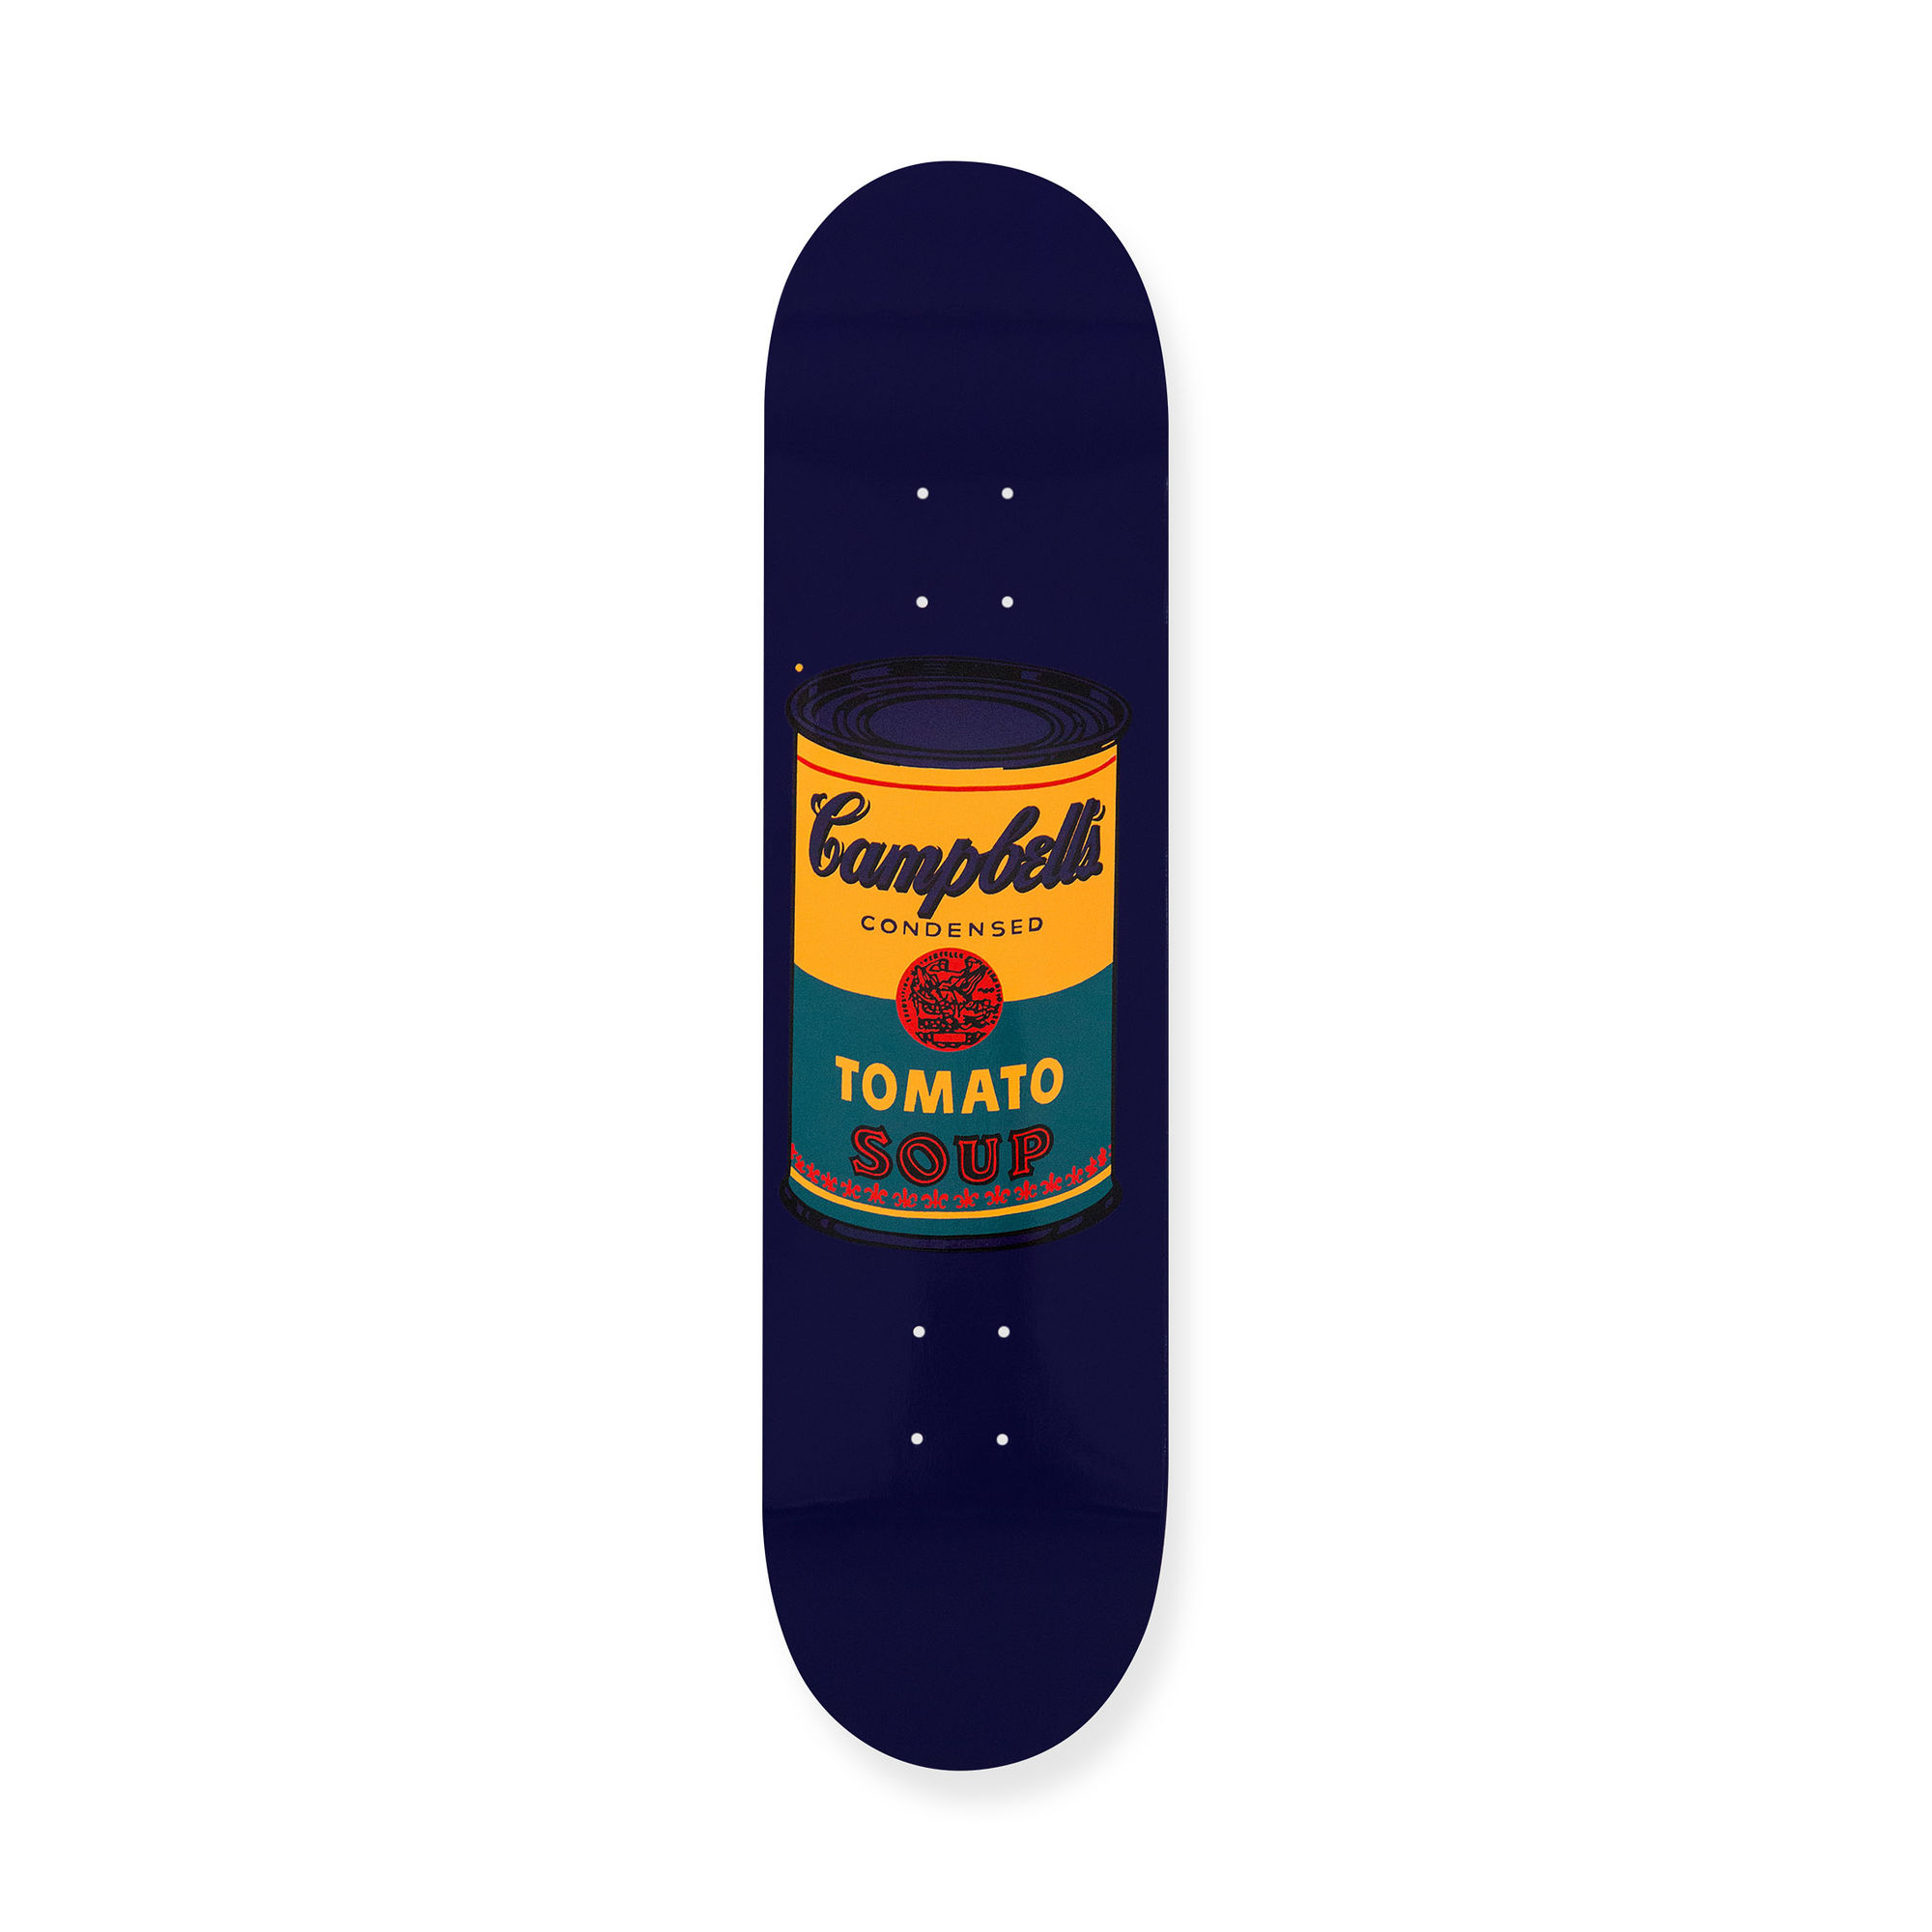 ウォーホル:スケートボードColored Campbell's Soup Cans Tealの商品画像